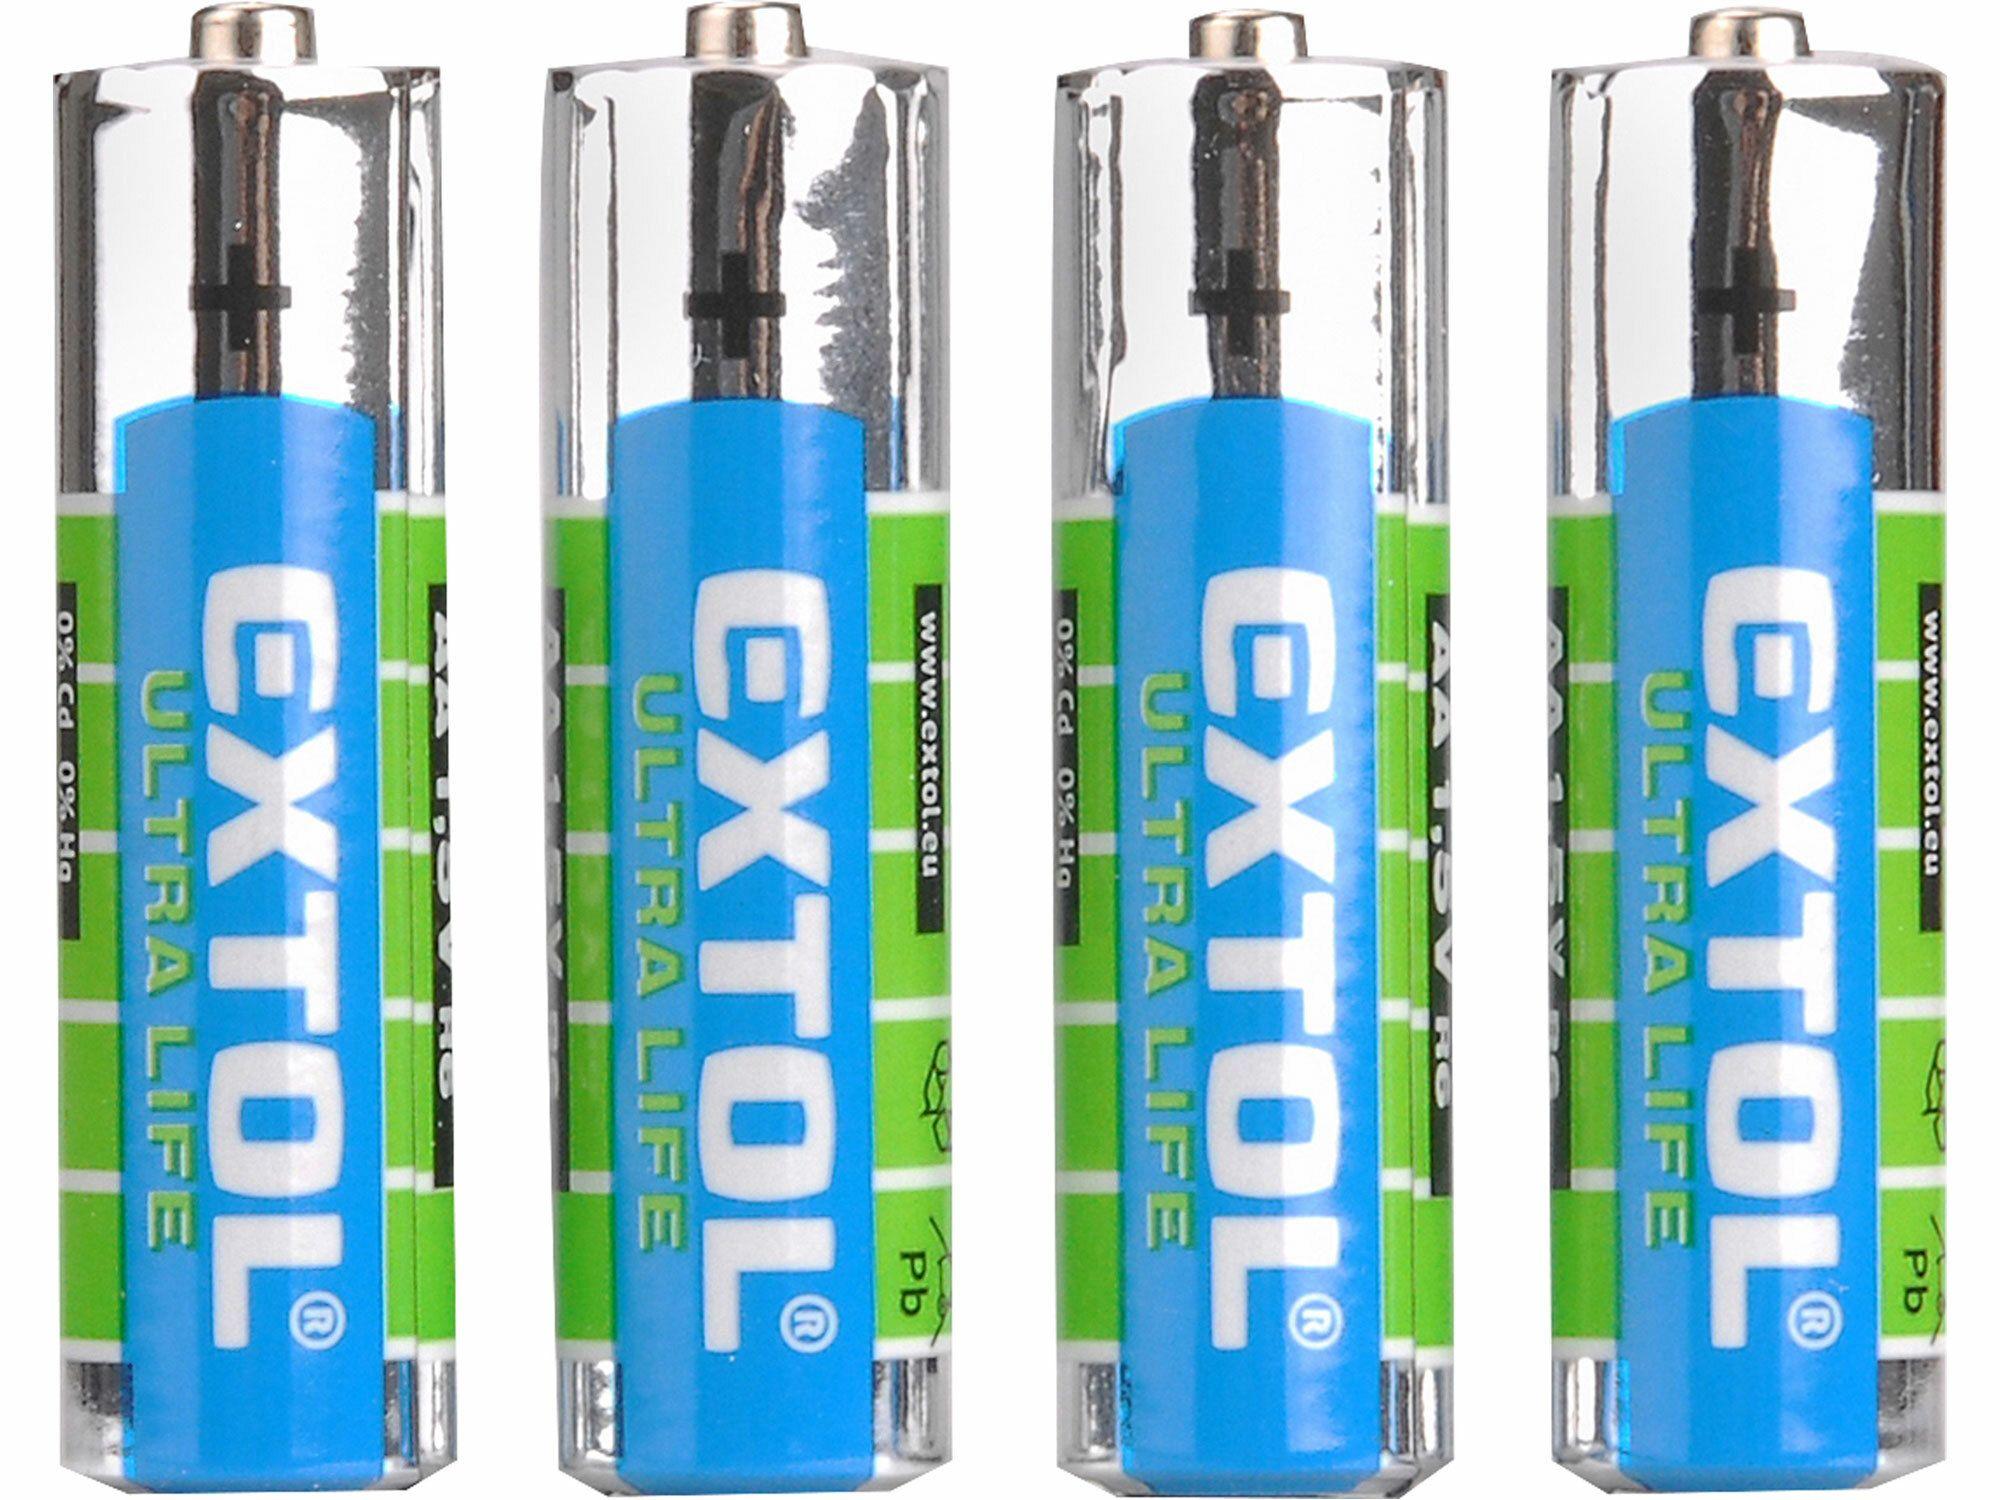 Baterie zink-chloridové, 4ks, 1,5V AA (LR6) EXTOL-LIGHT